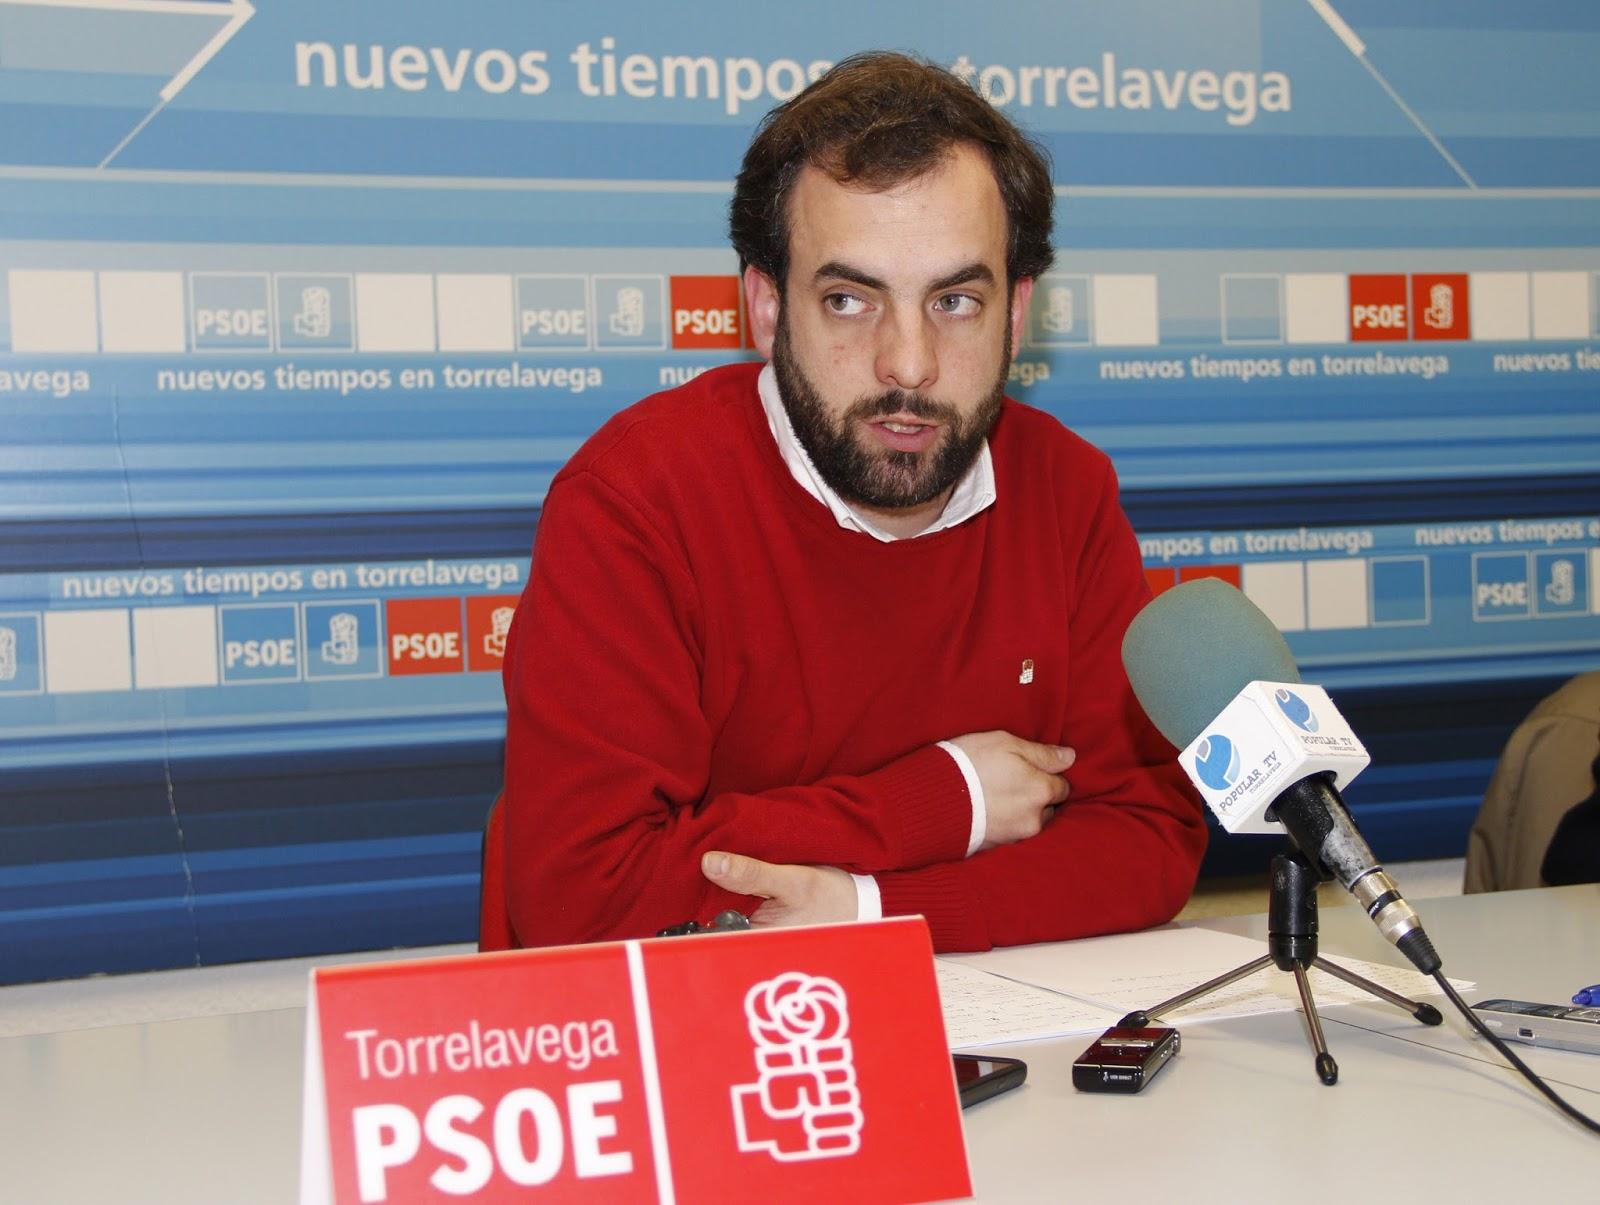 Torrelavega cruce de caminos torrelavega el psoe local recuerda que las papeletas electorales - Oficina para la tramitacion del dni y pasaporte espanol pamplona ...